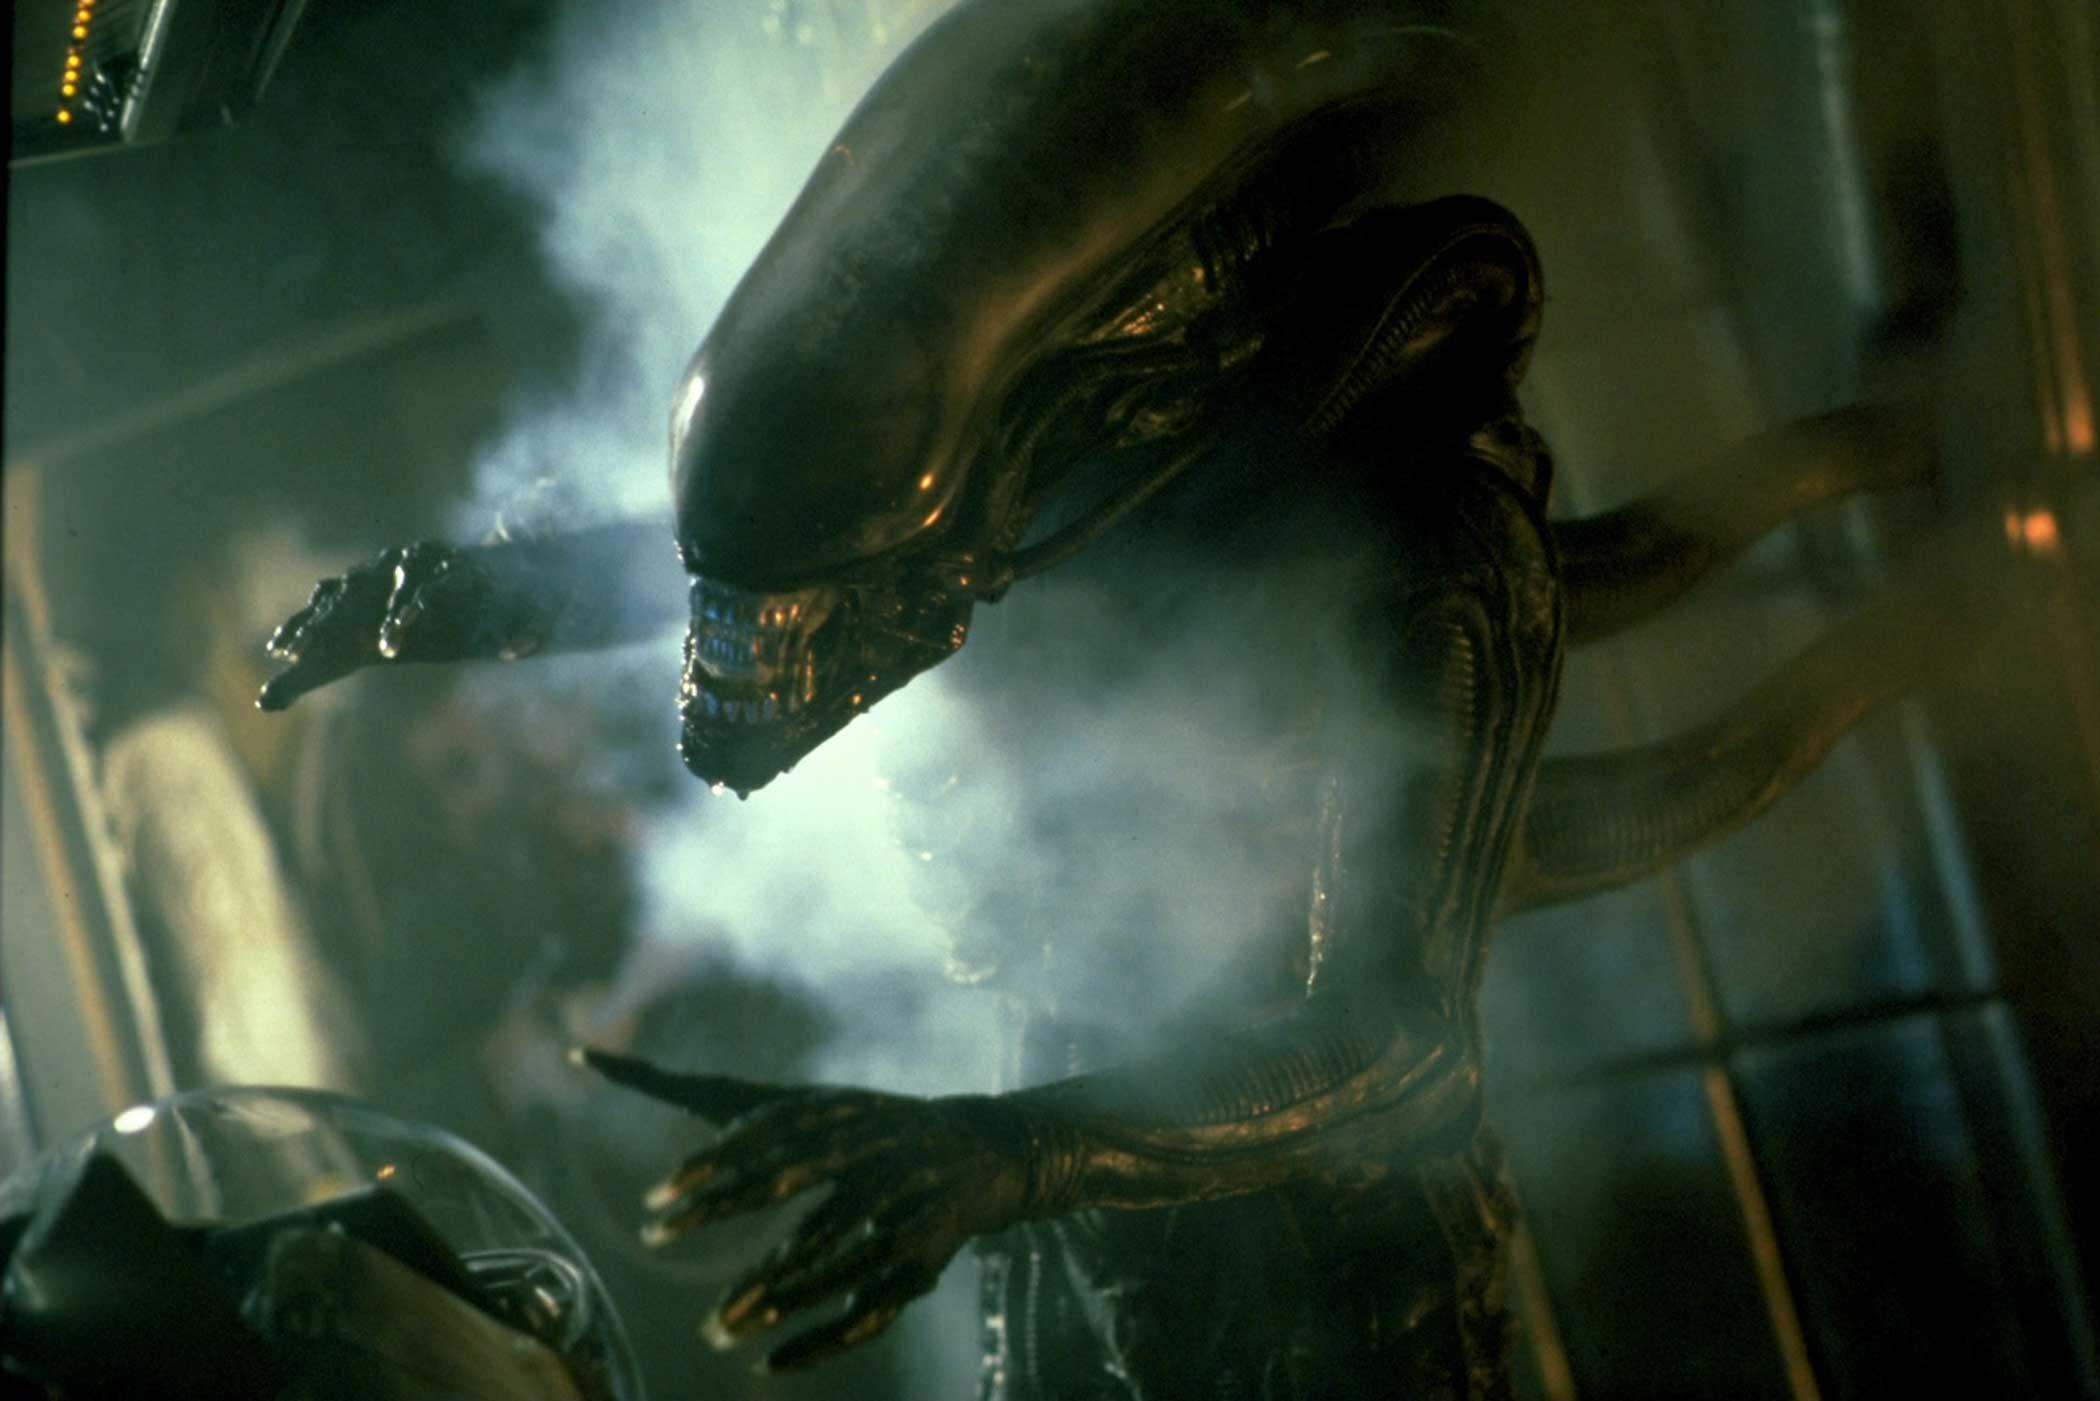 The Alien from Alien, 1979.